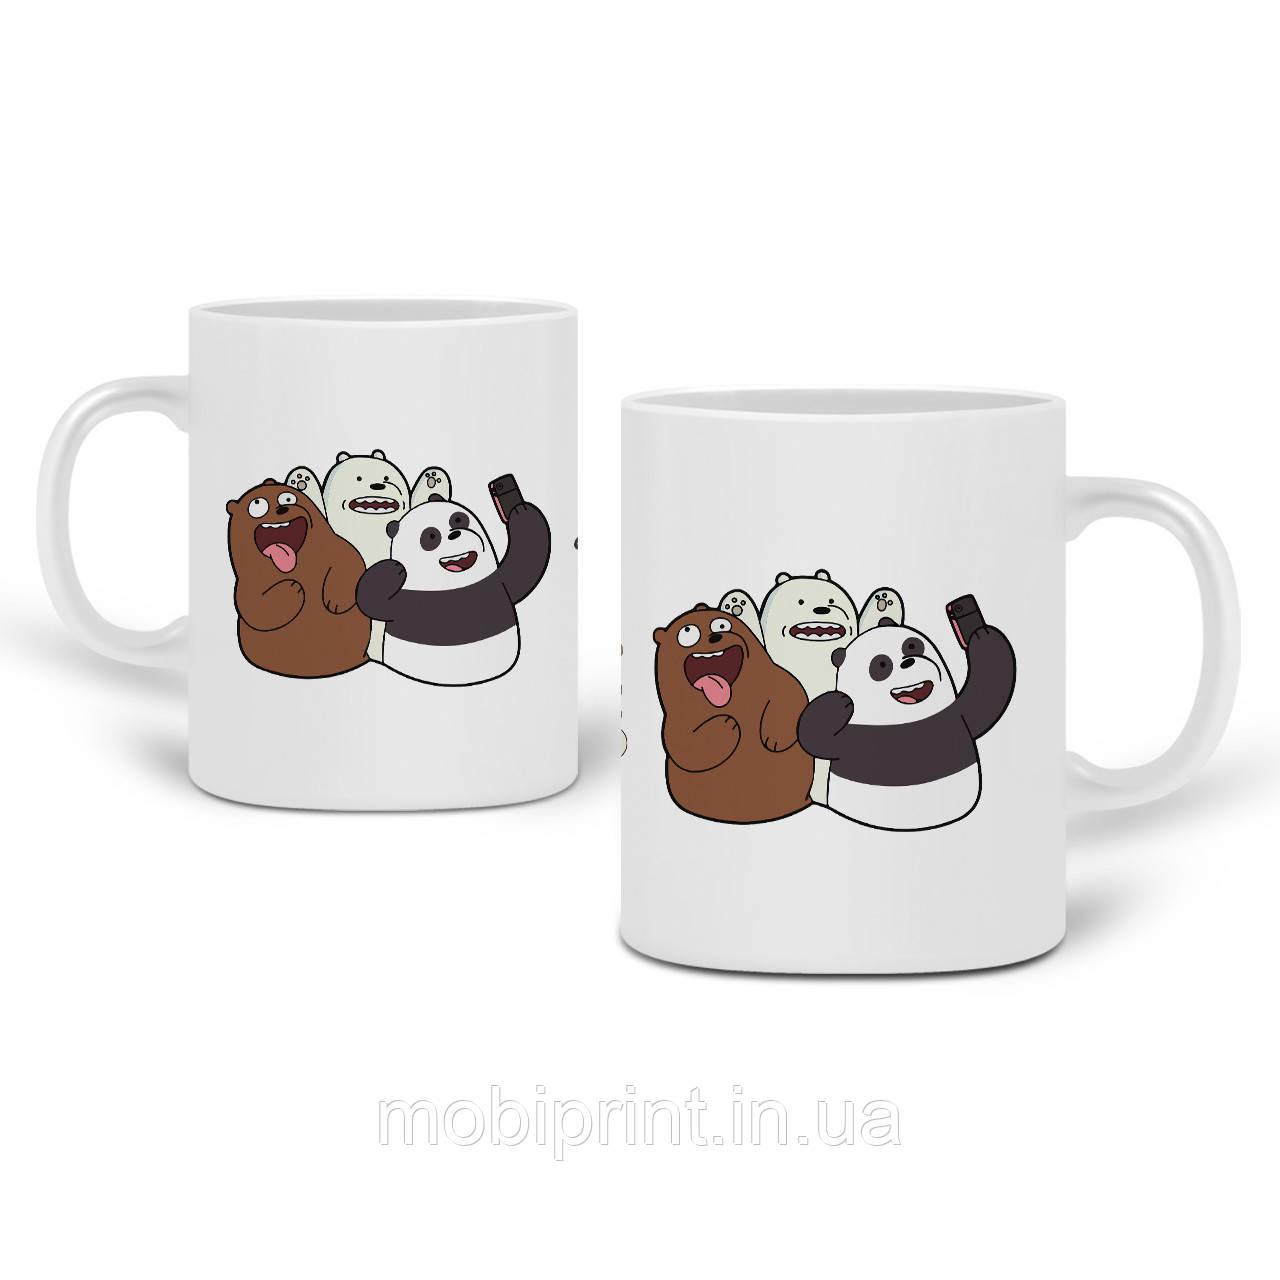 Кружка Вся правда про ведмедів (We Bare Bears) 330 мл Чашка Керамічна (20259-2665)